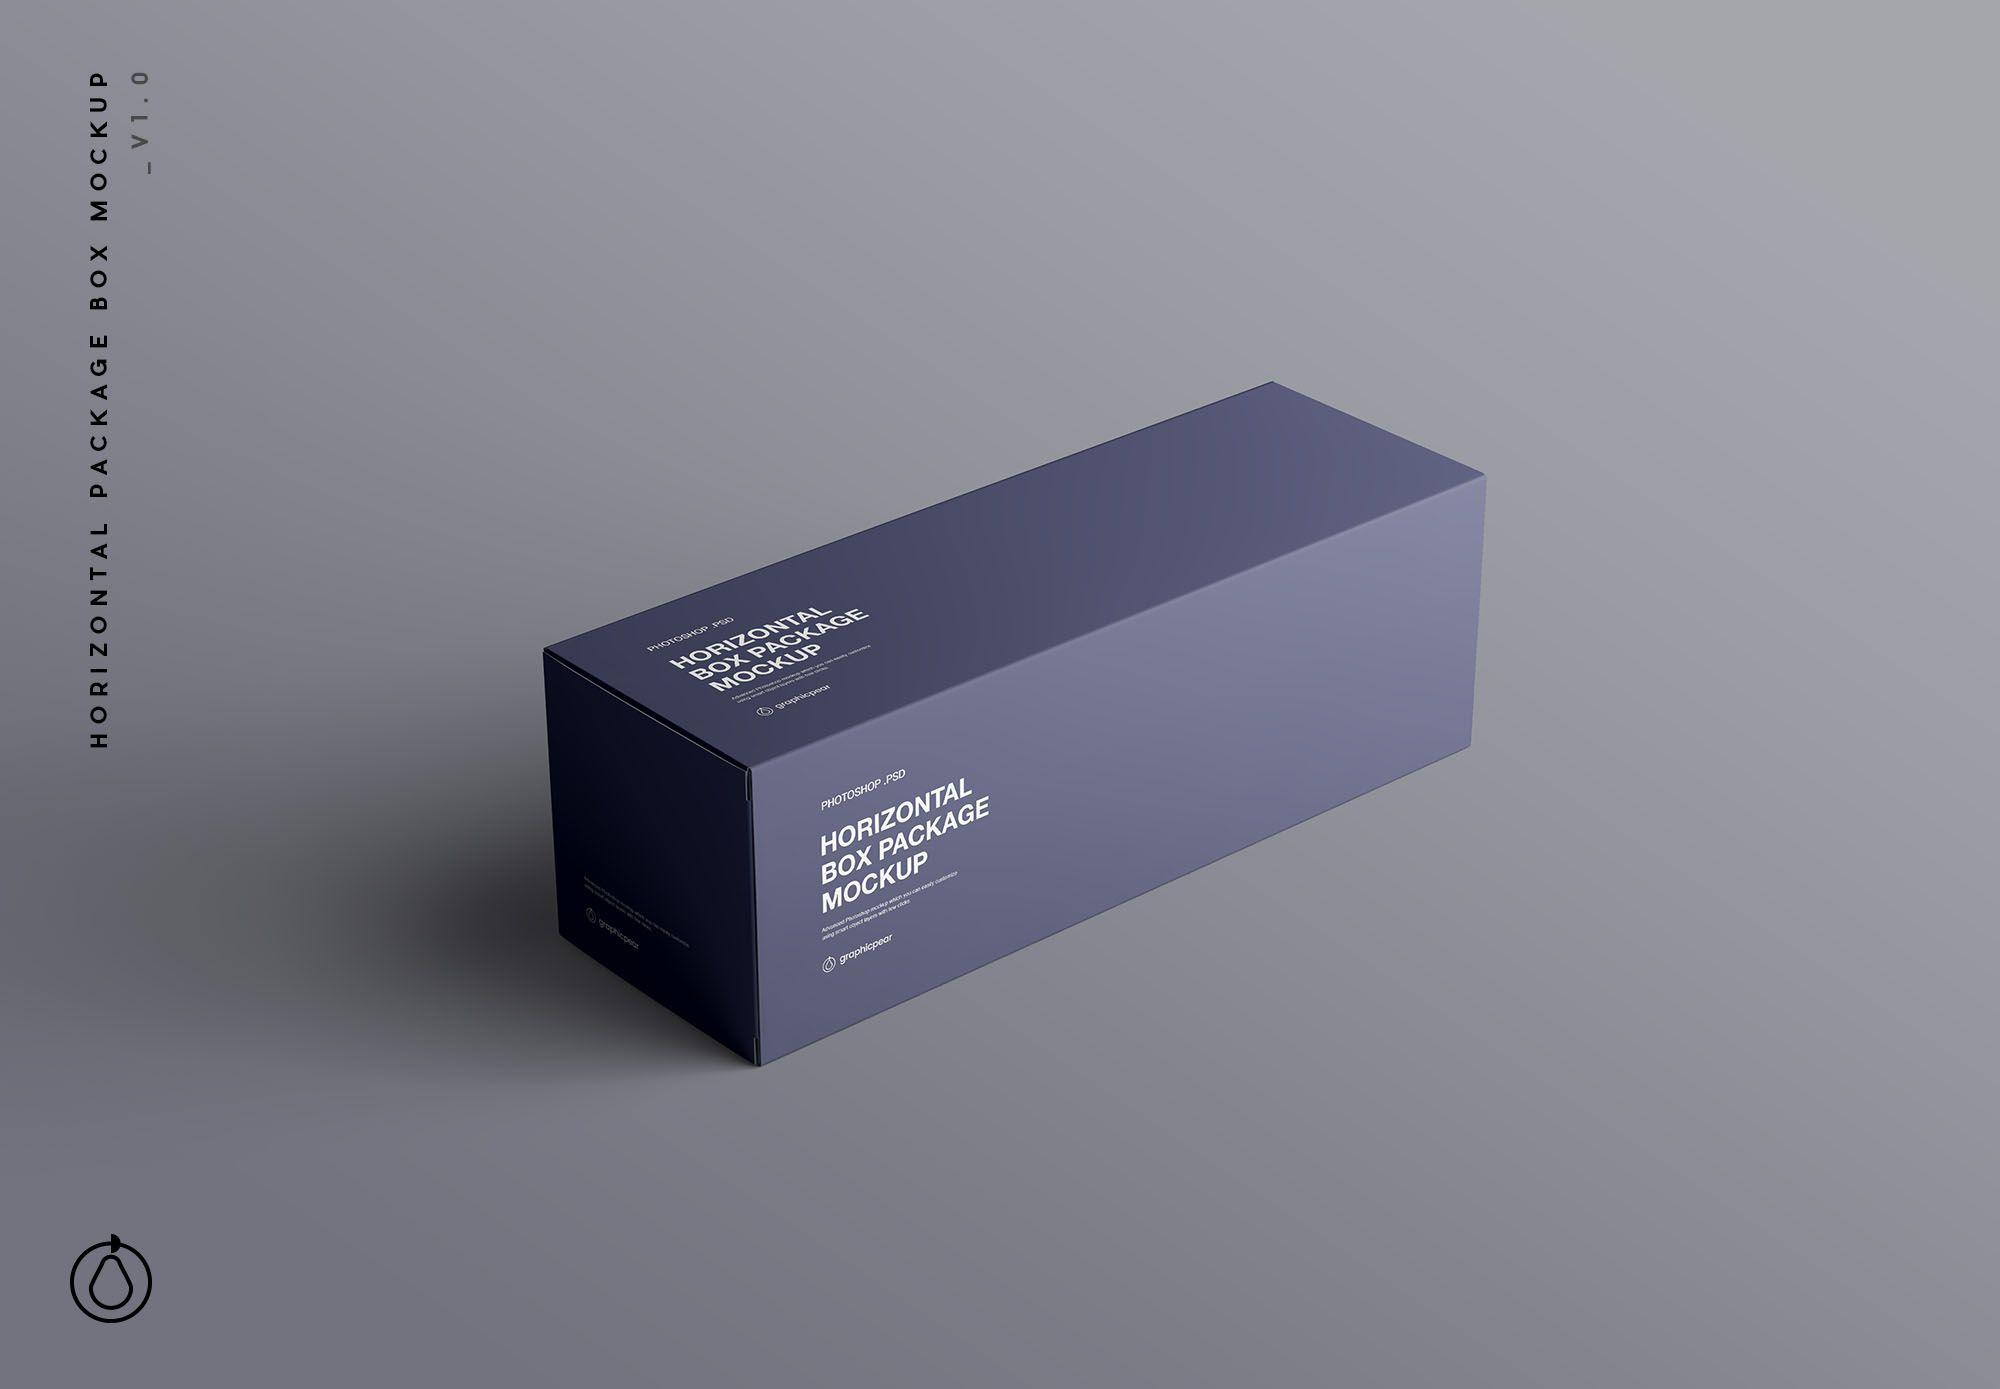 Download Horizontal Package Box Mockup Box Mockup Box Packaging Mockup